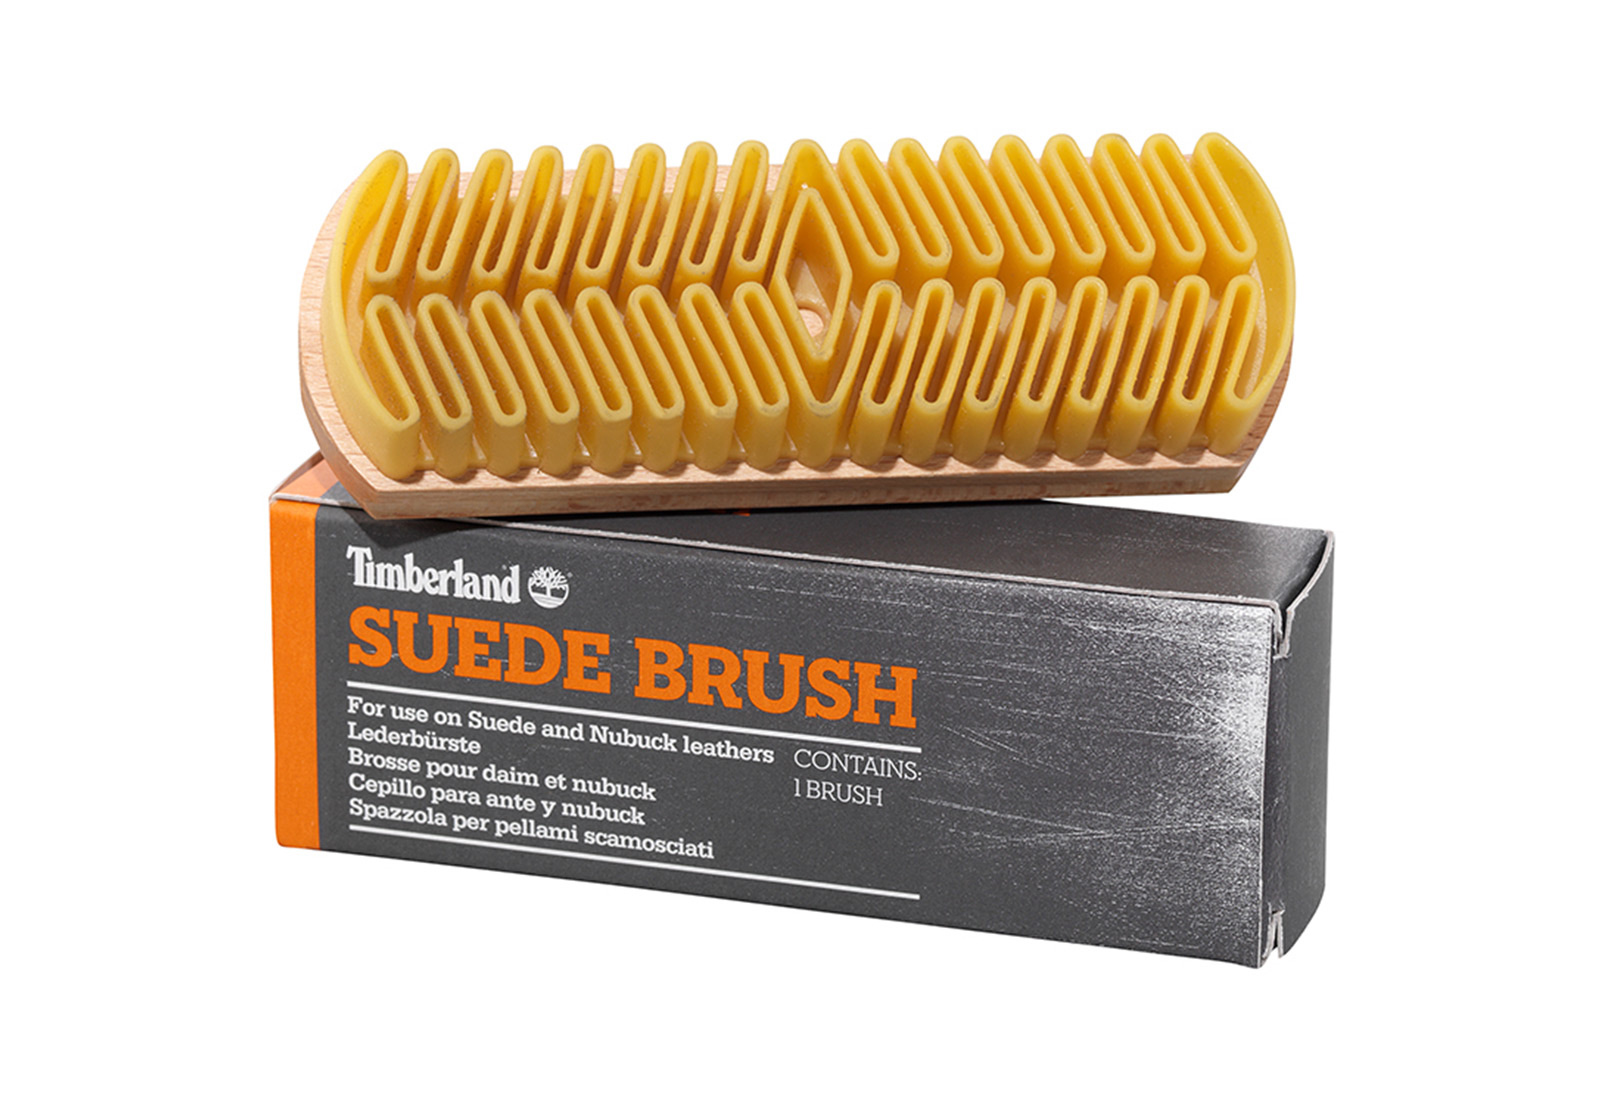 Timberland Pielęgnacja obuwia Suede Brush A1FNM 000 Obuwie i buty damskie, męskie, dziecięce w Office Shoes